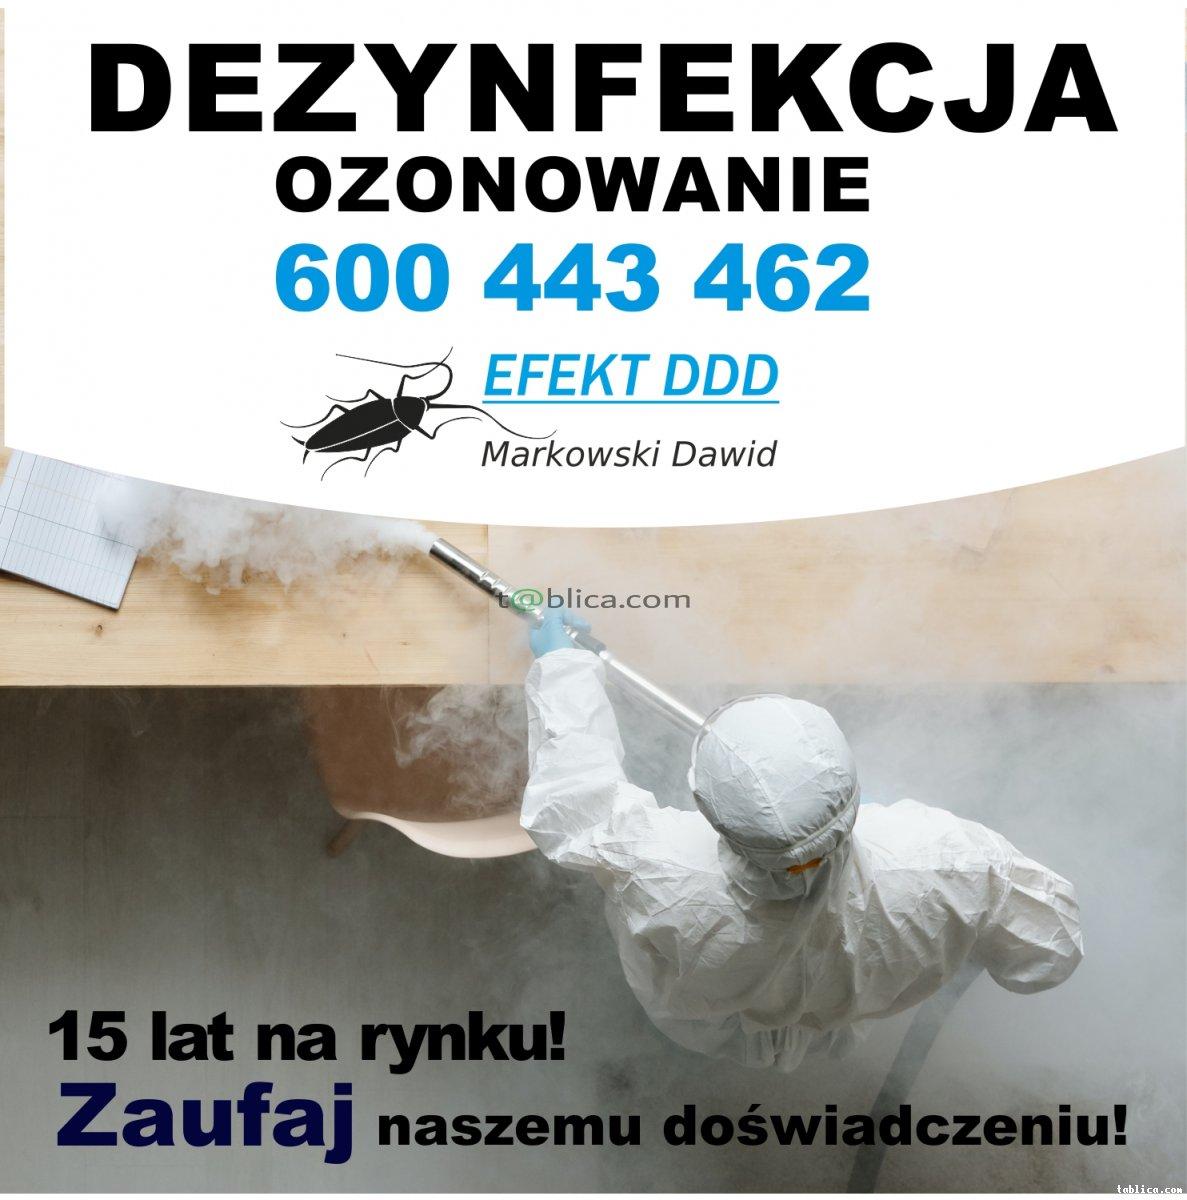 ozonowanie - dezynfekcja - odkażanie - deodoryzacja